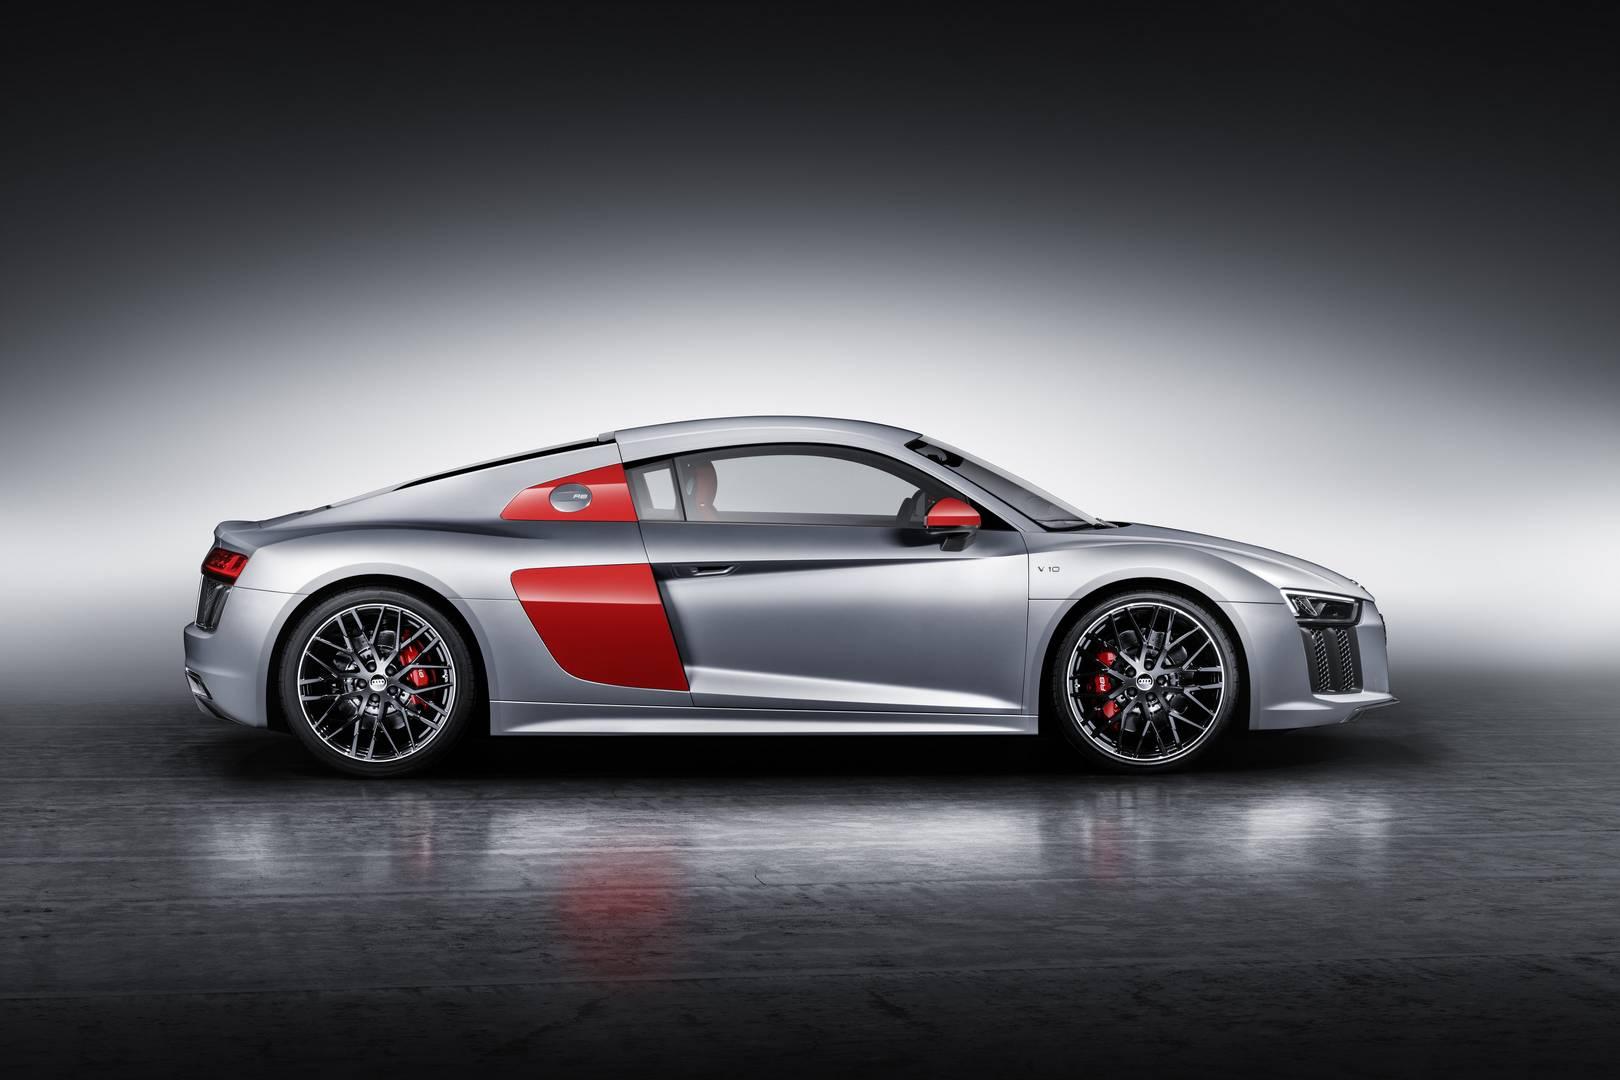 Official 2017 Audi R8 V10 Quot Audi Sport Quot Edition 200